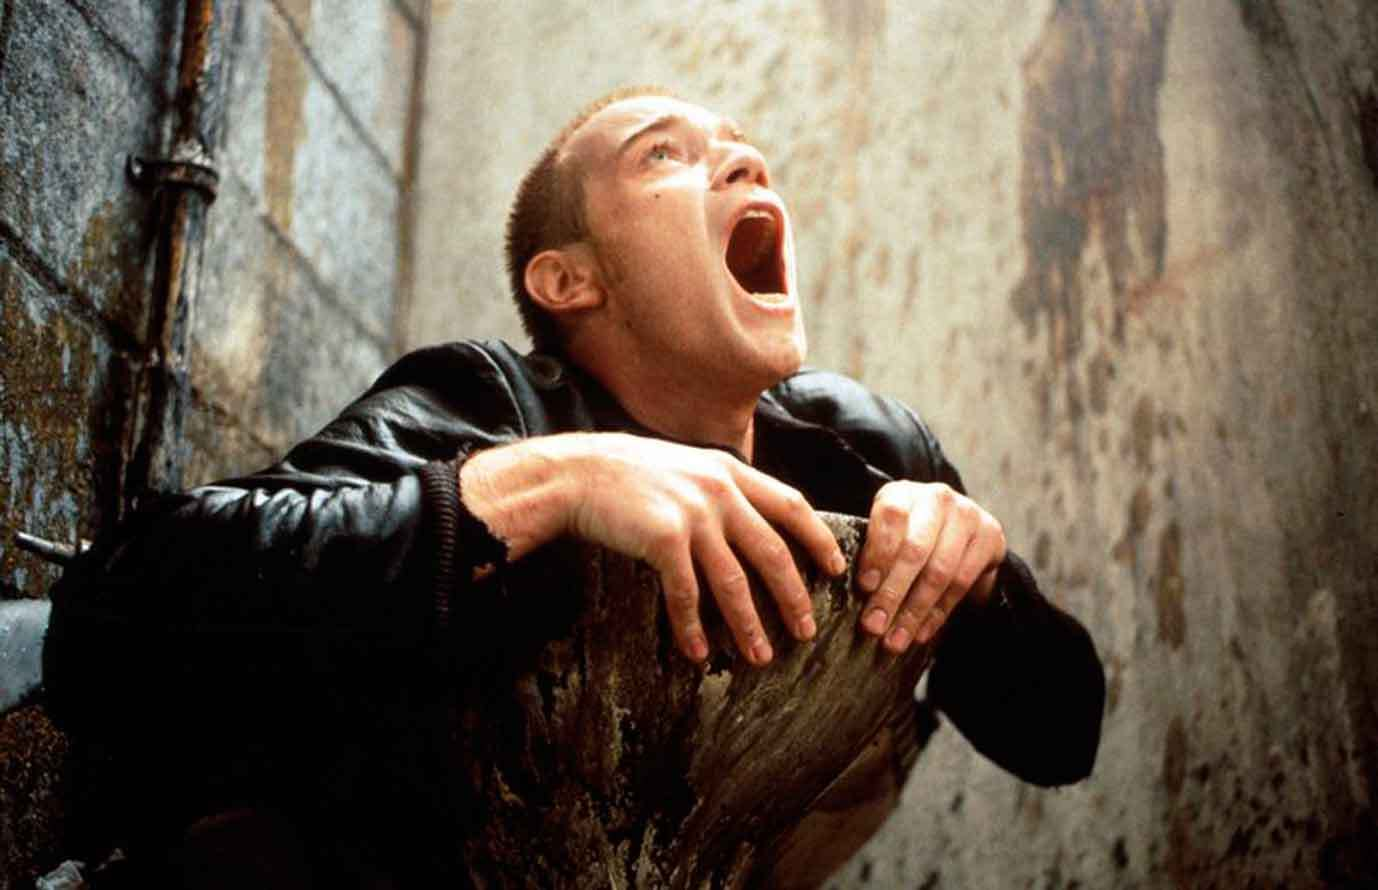 10 exitosas películas de culto disponibles ahora mismo en Amazon Prime Video